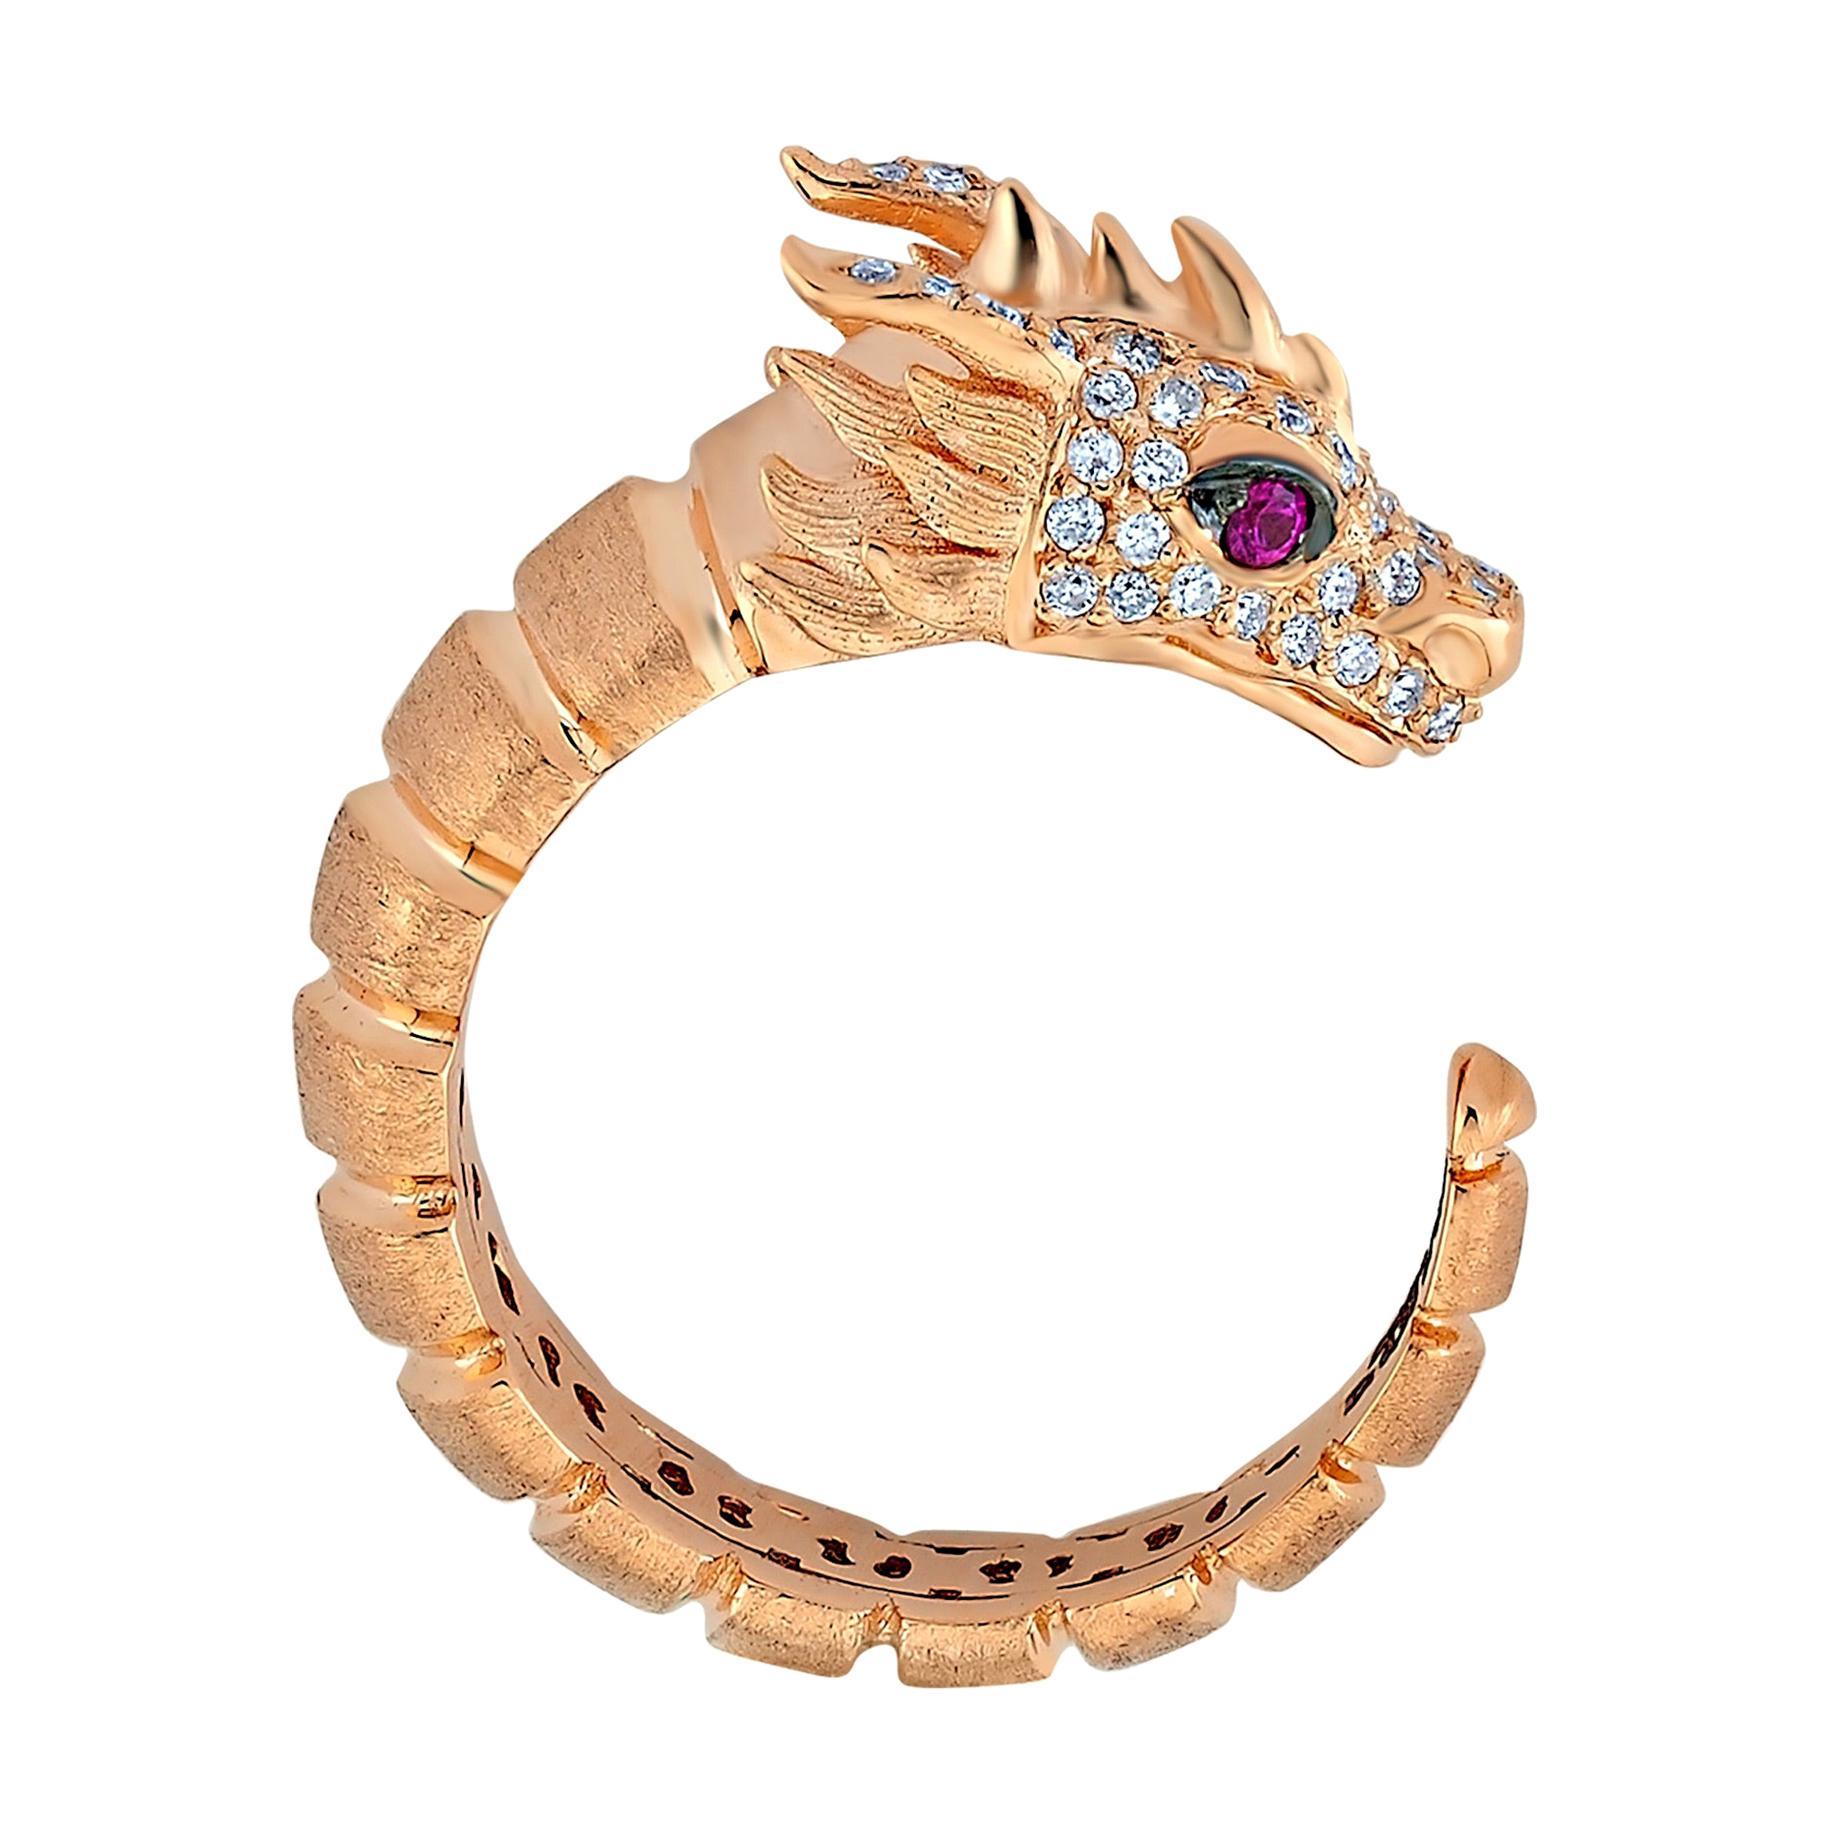 Ananta Sesha Ring in 14 Karat Rose Gold with White & Black Diamond